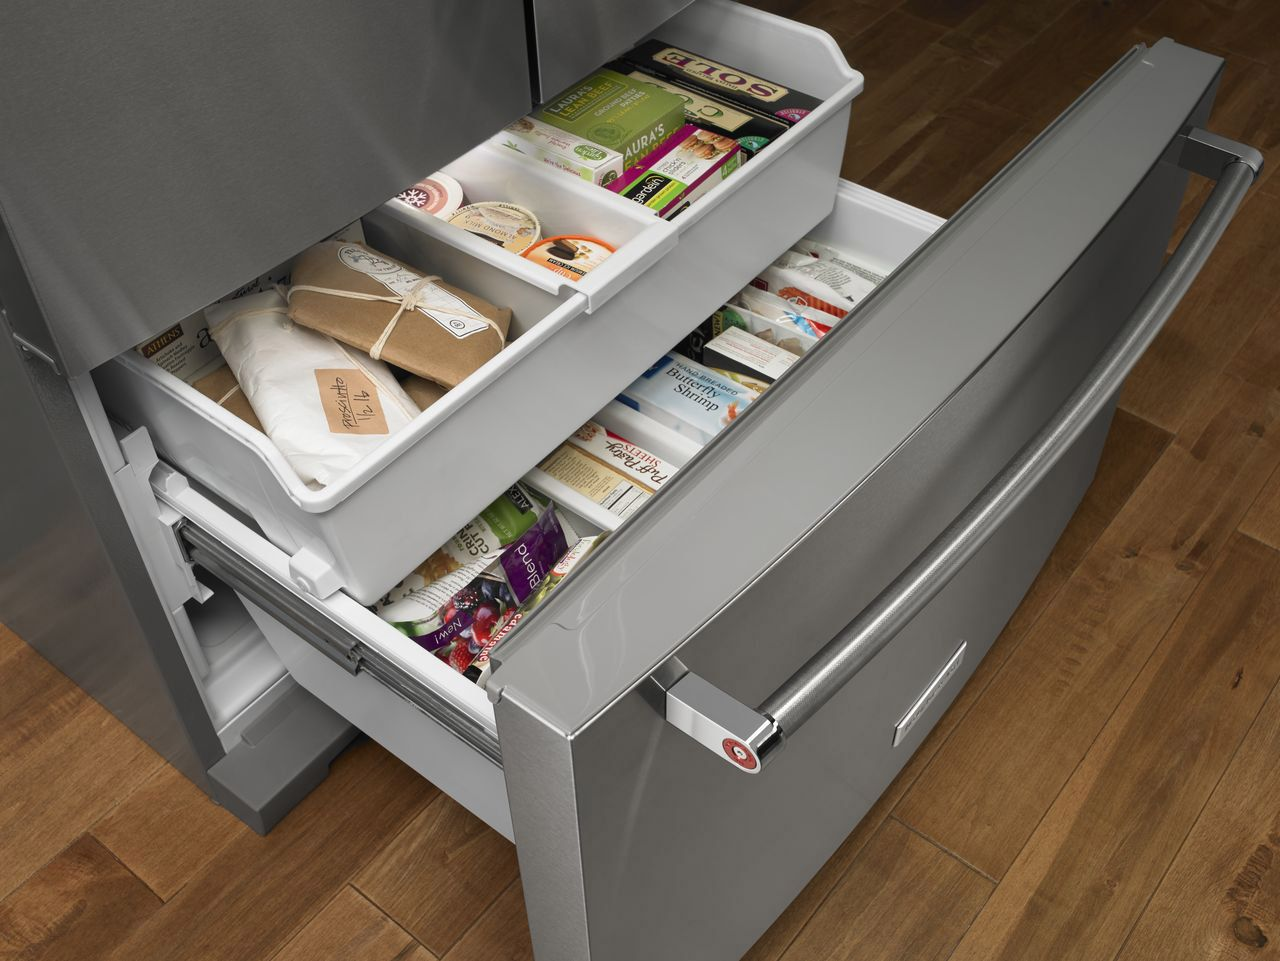 Kitchenaid French Door Refrigerator Krff507ess